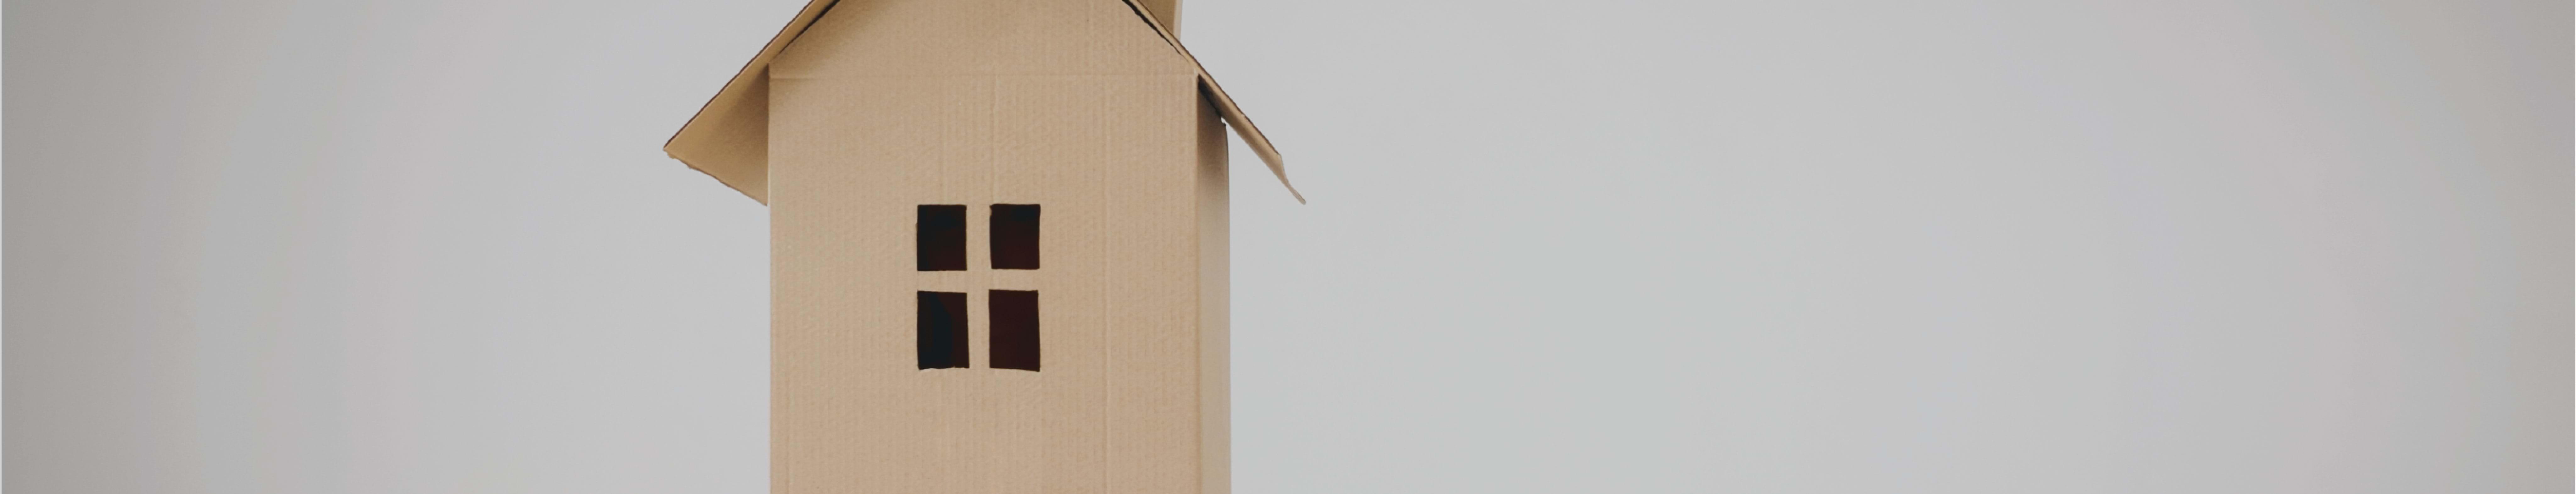 la copropriete qu est ce que c est. Black Bedroom Furniture Sets. Home Design Ideas